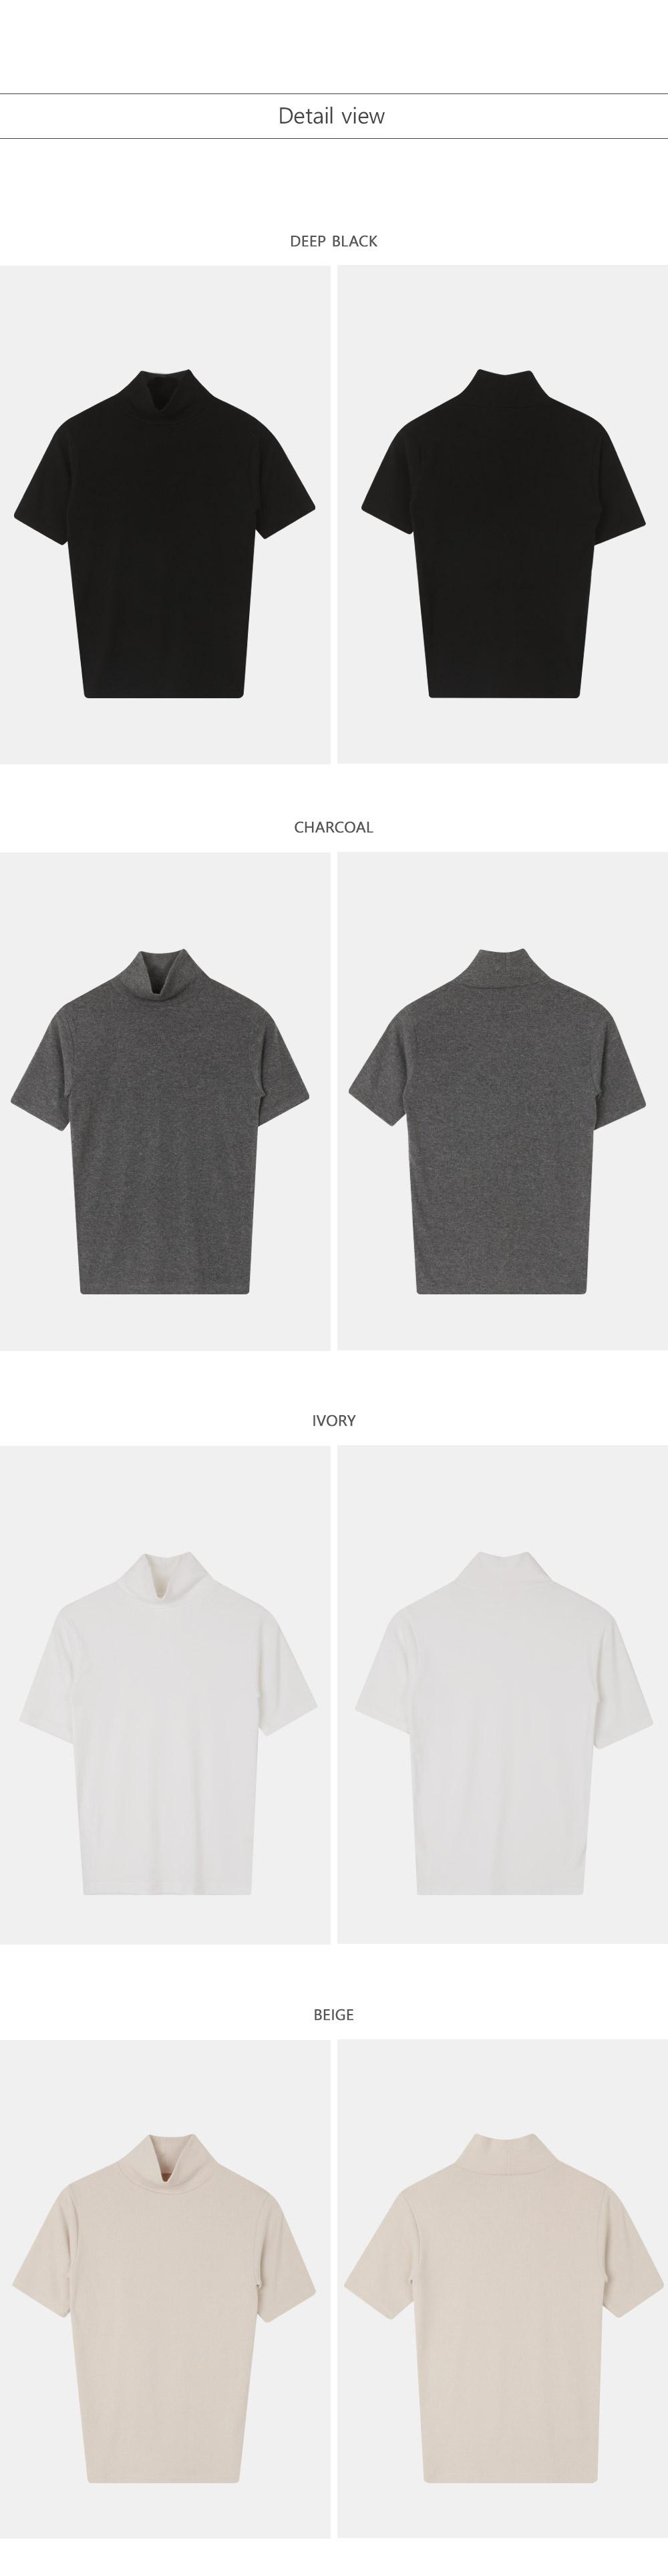 modern antagonism Turtleneck T-shirt